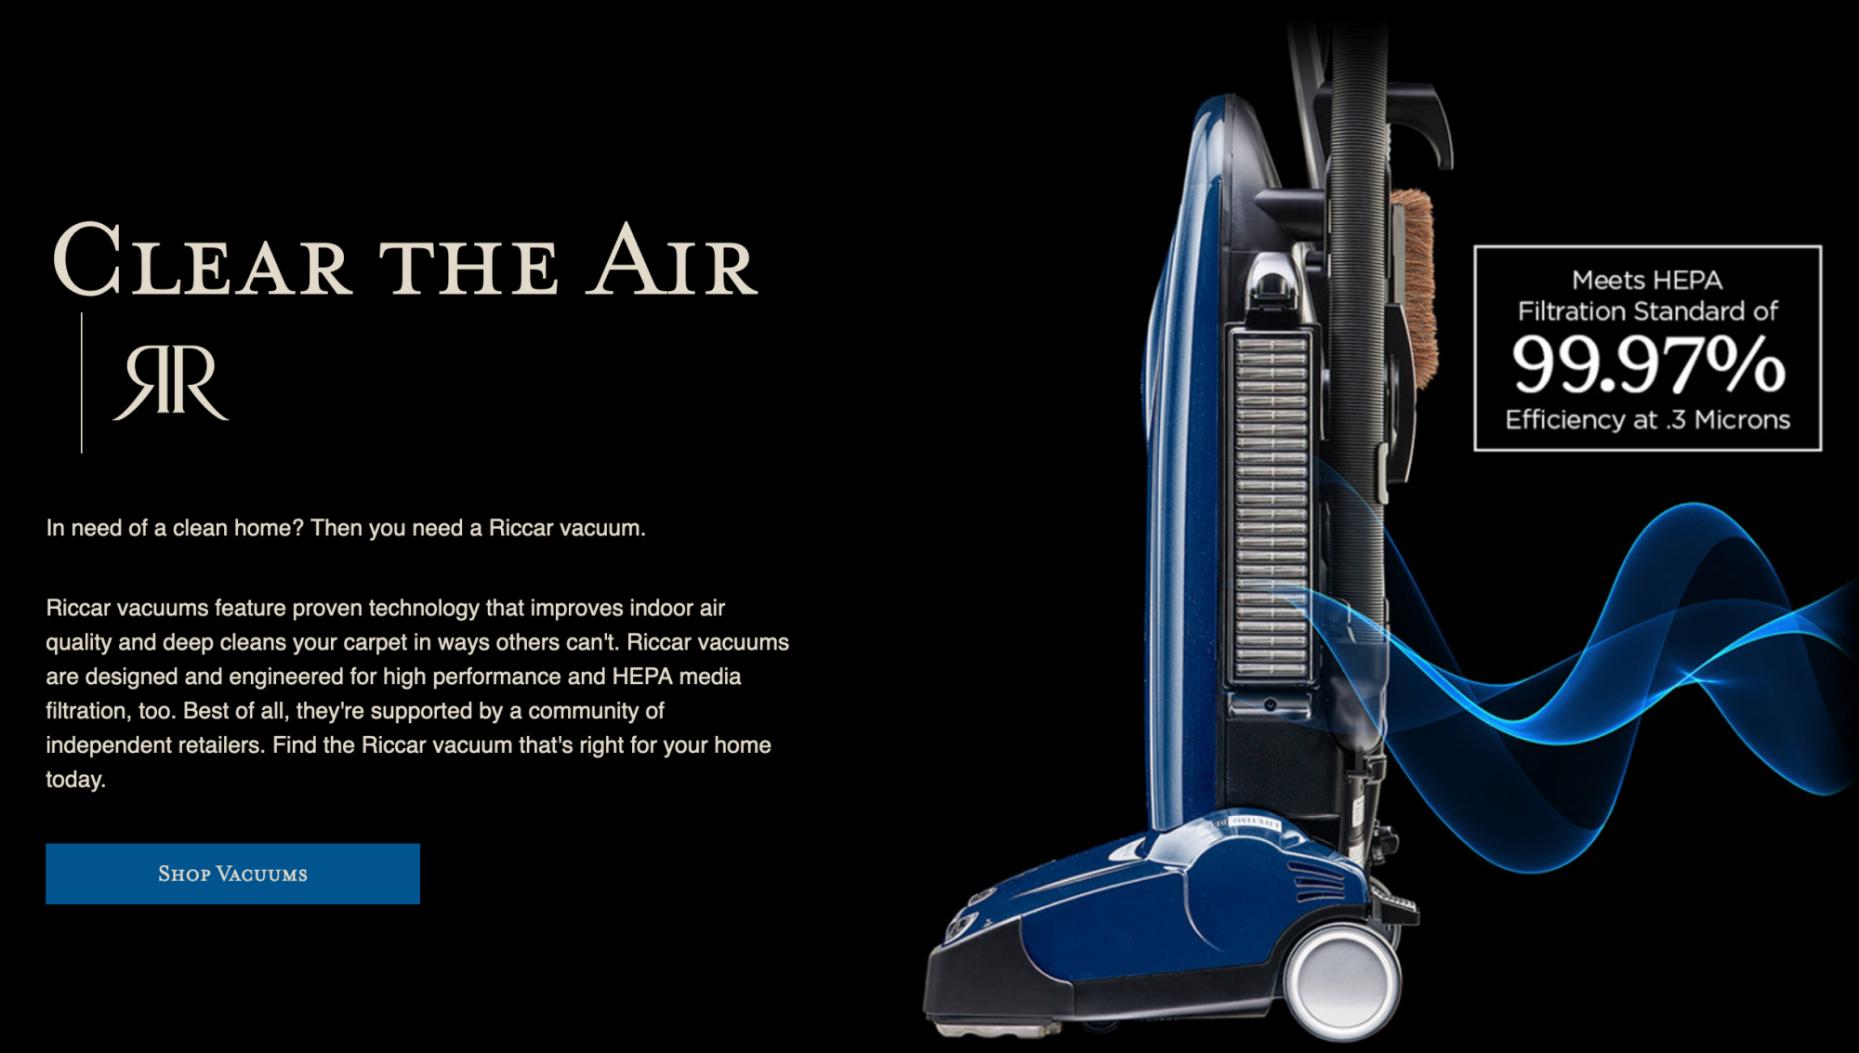 richer clear the air